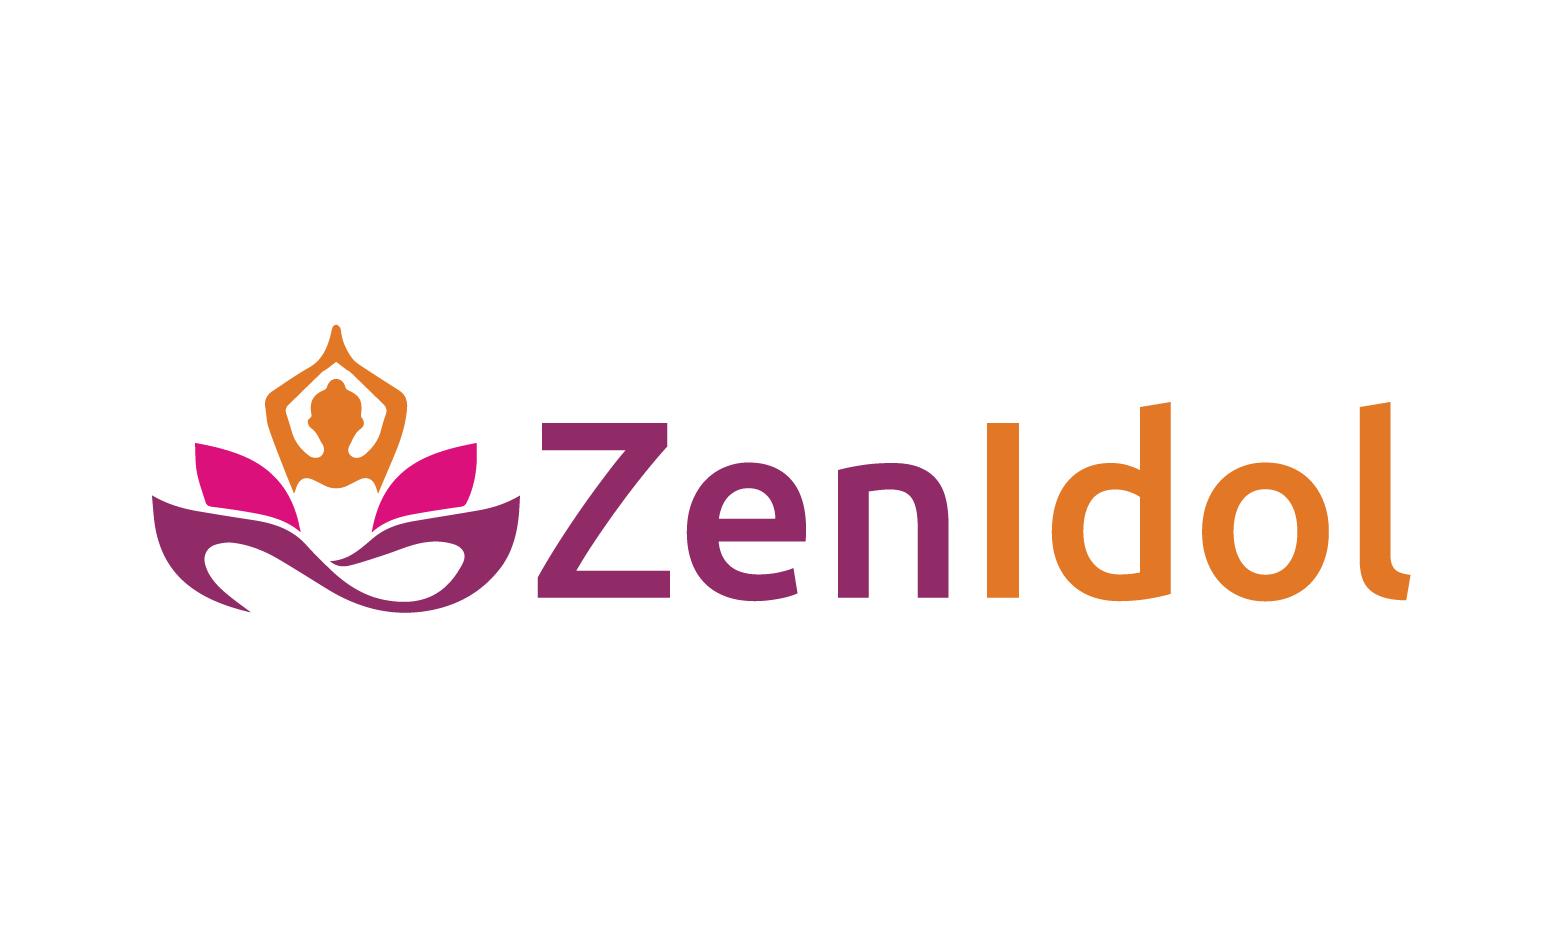 Jak to działa? W jakim celu stosuje się Zenidol? Zenidol krem - opinie - cena - skład, gdzie kupić?